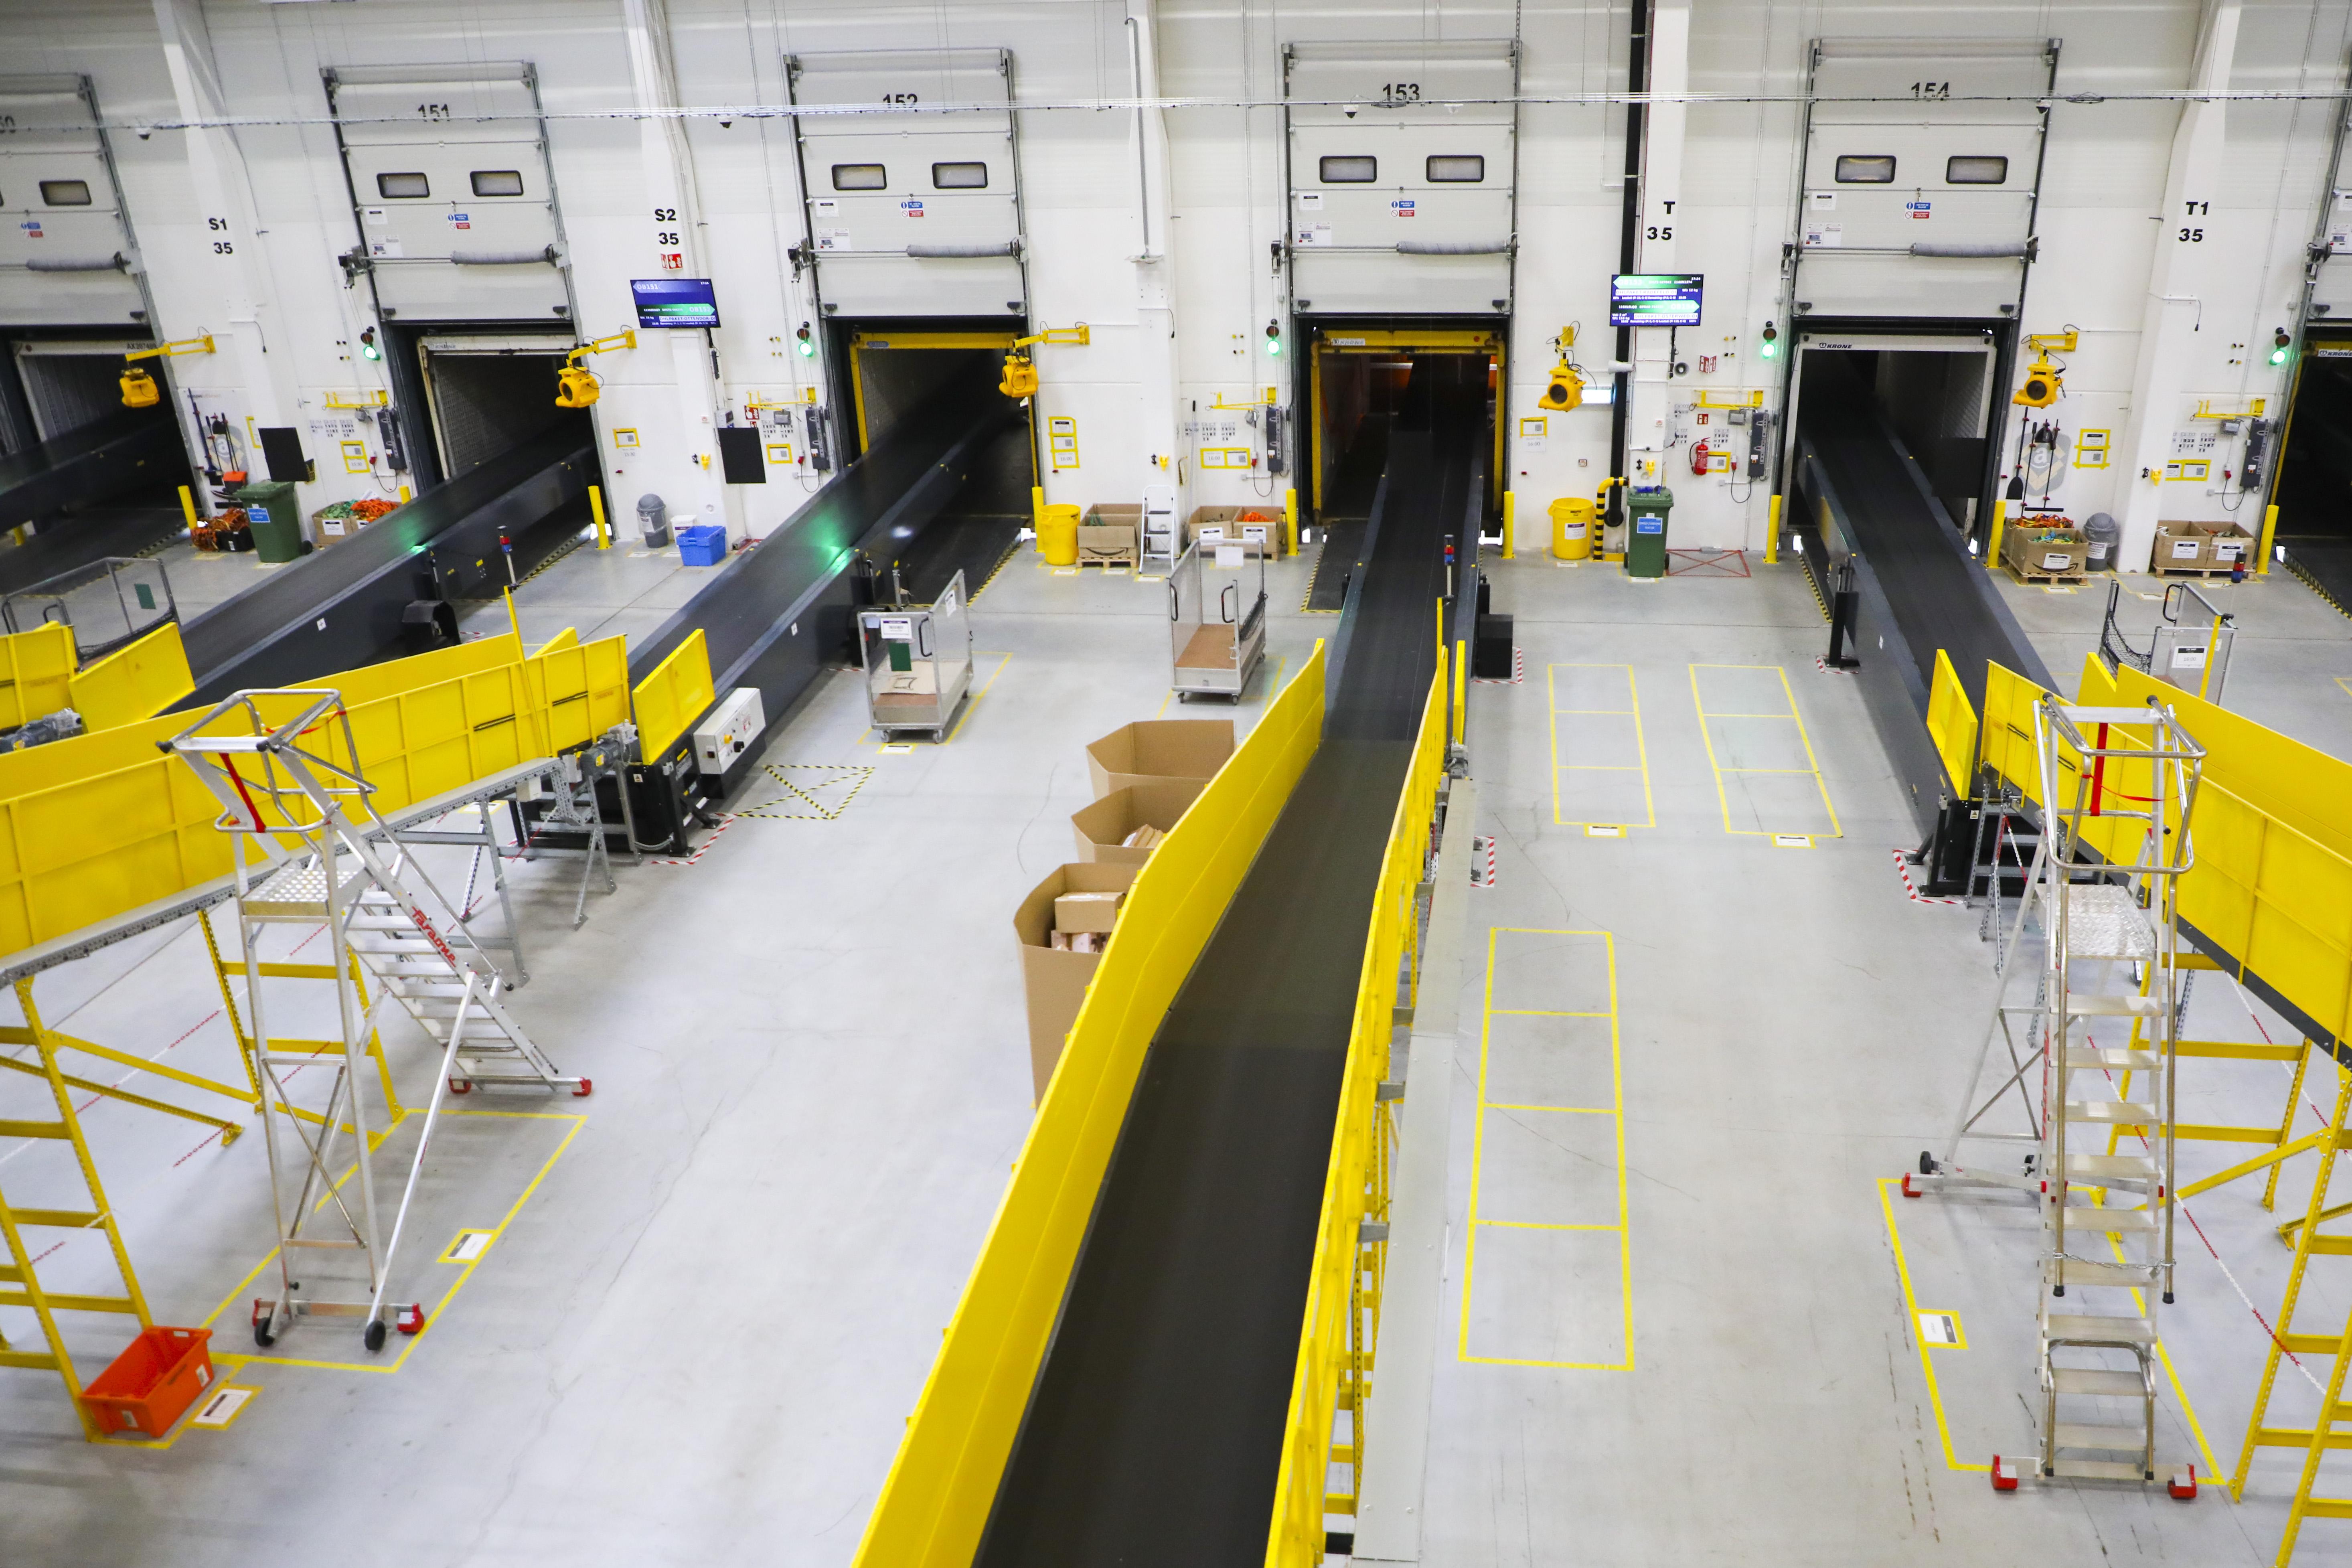 Inside an Amazon fulfillment center.